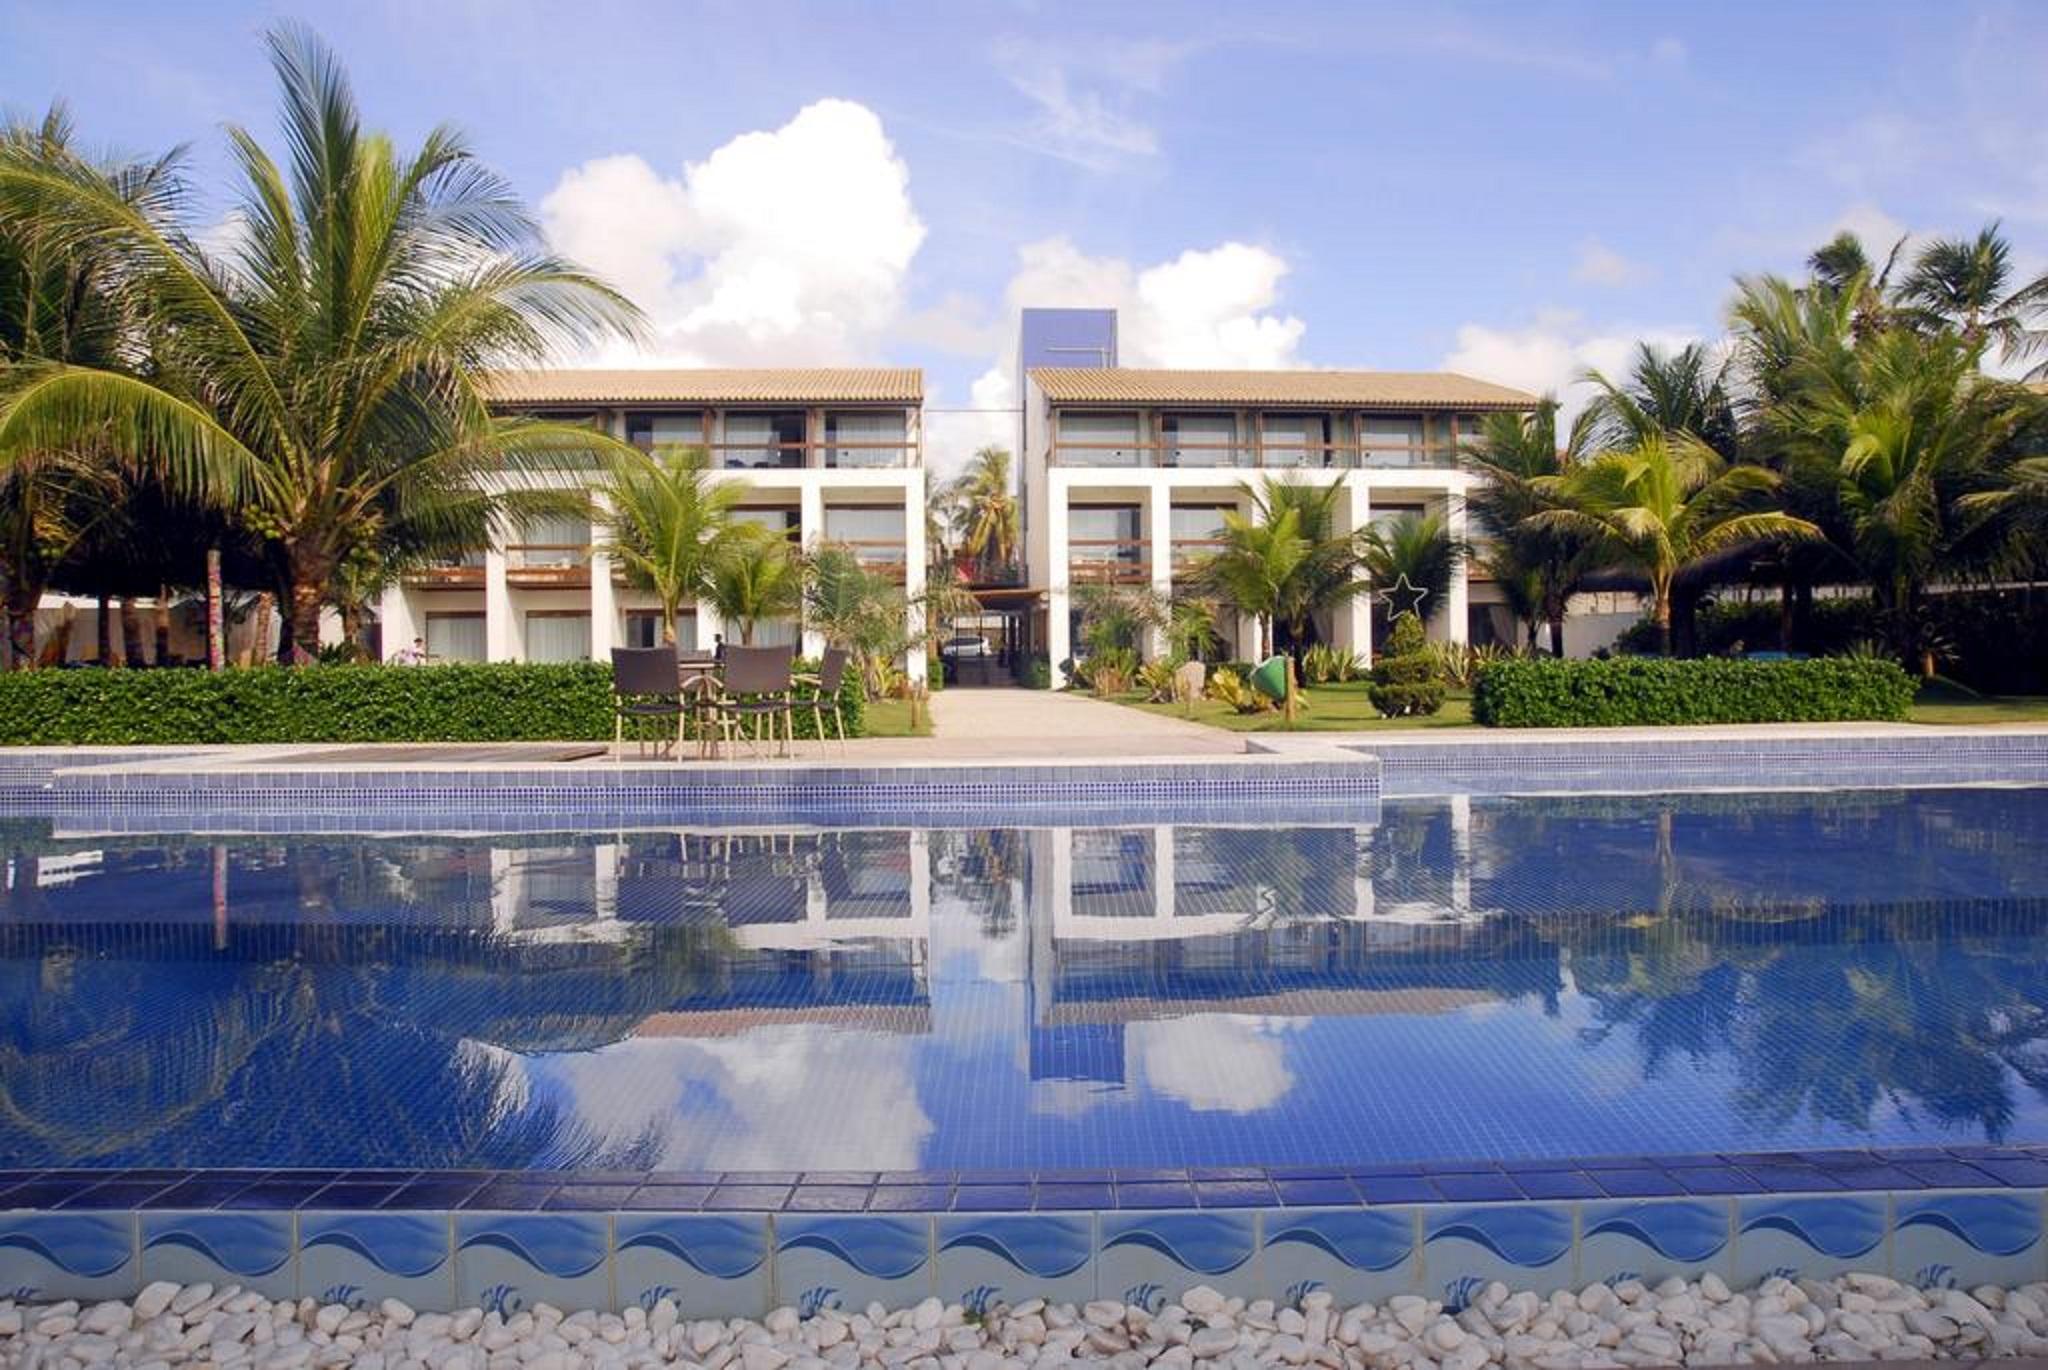 Villa Da Praia, Salvador